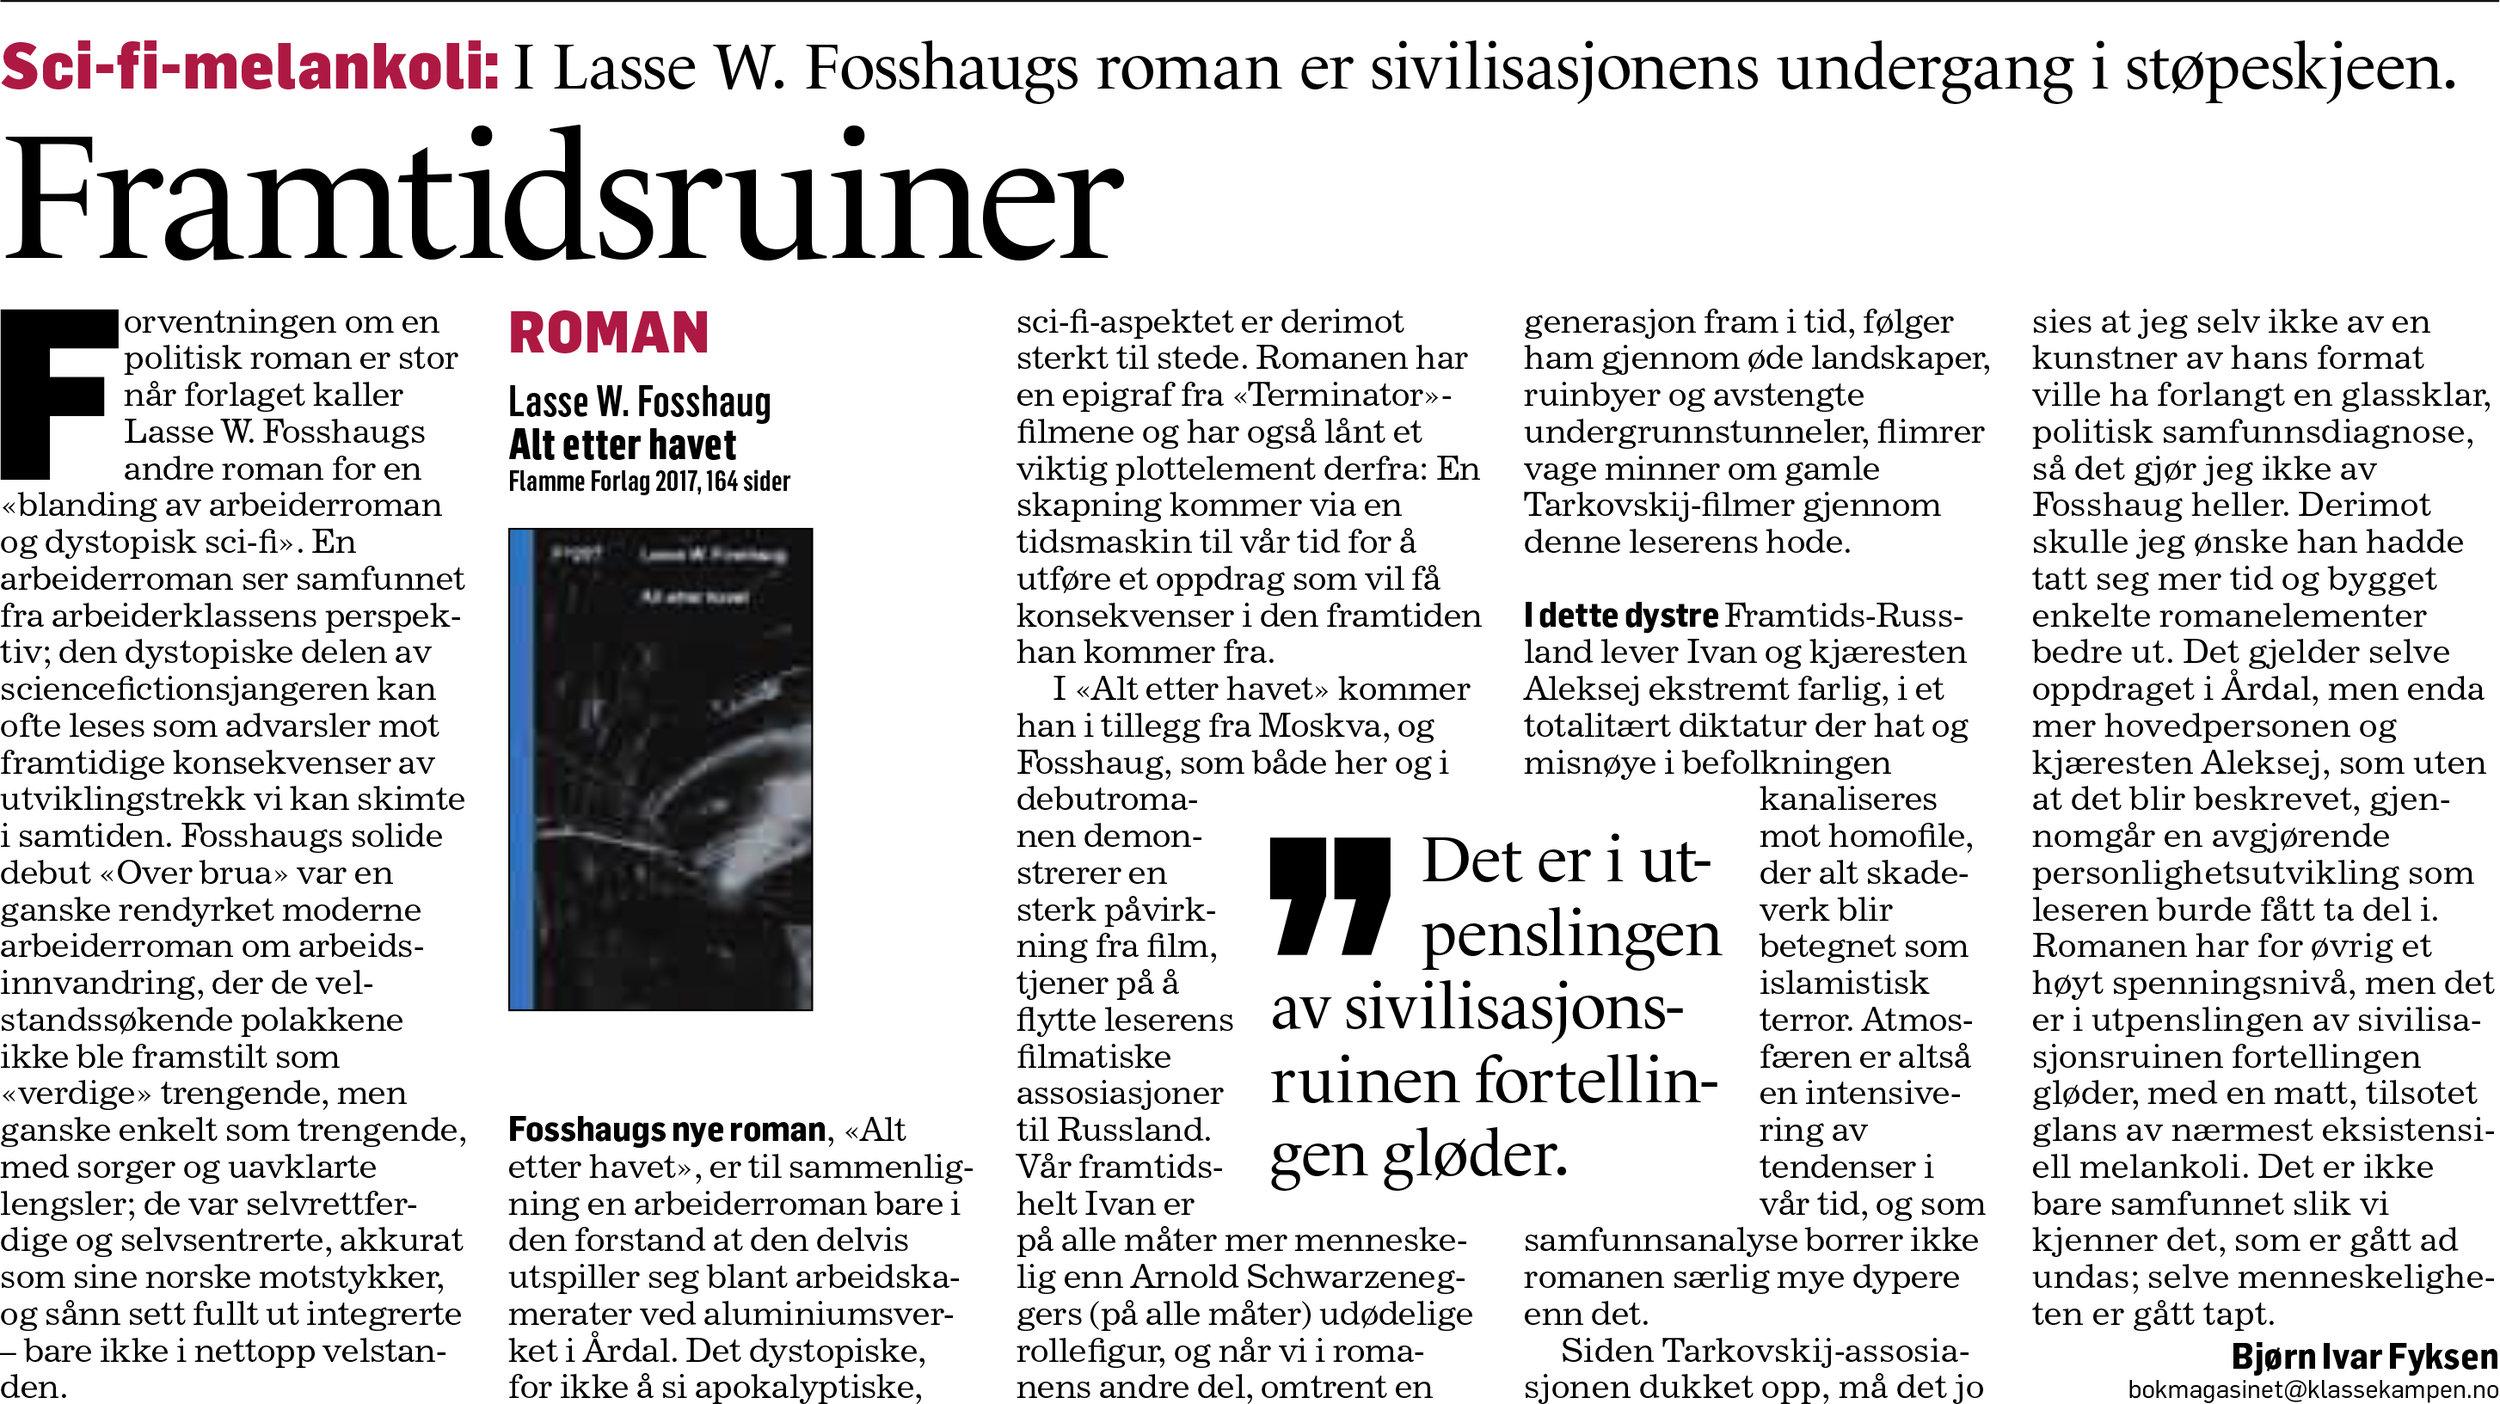 Faksimile fra Klassekampen Bokmagasinet 21. januar 2017.